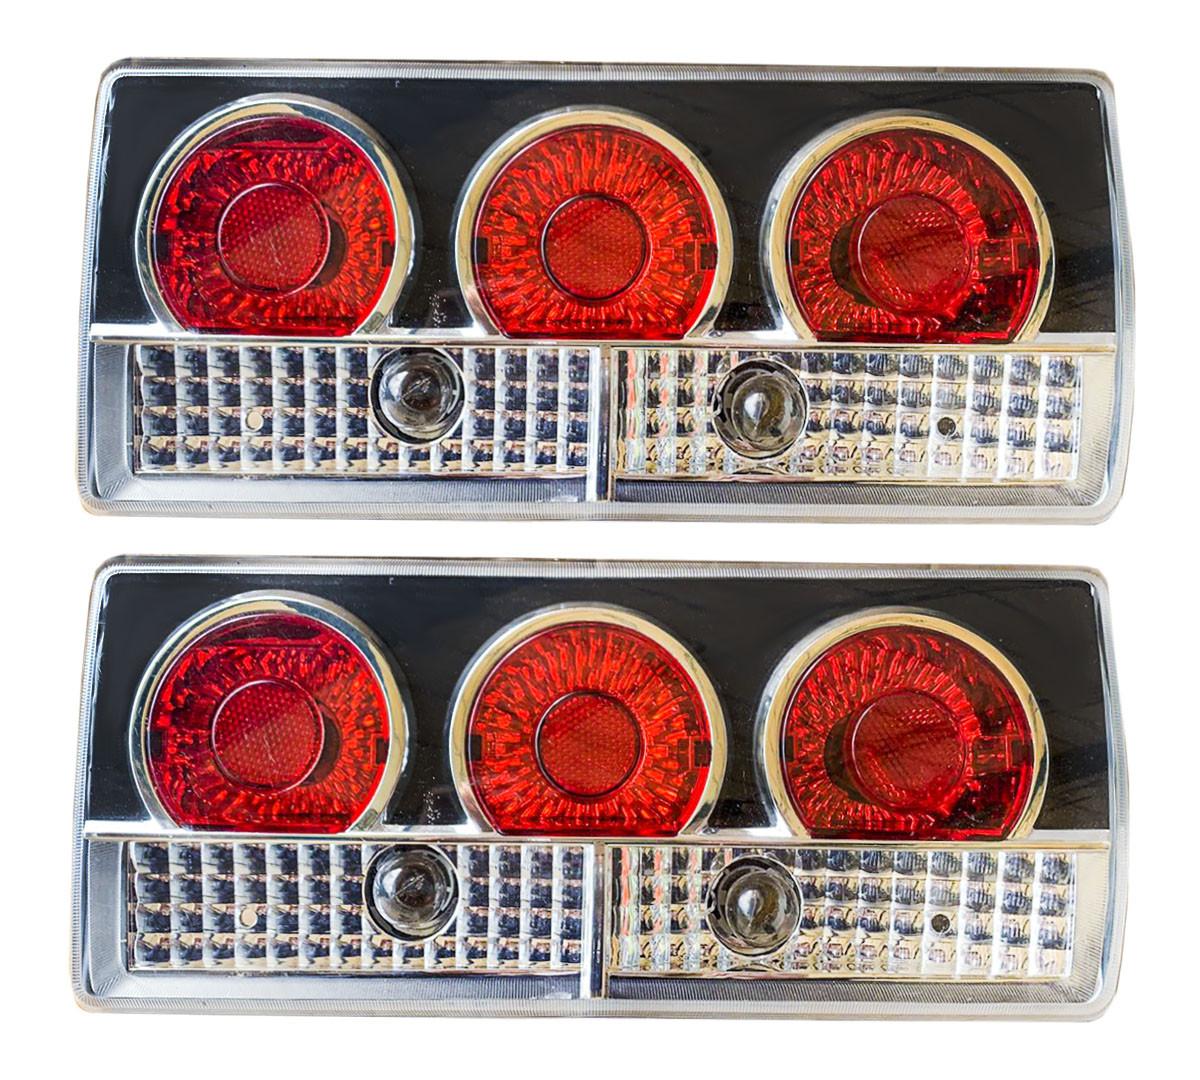 Задние фары на ВАЗ 2105 - 2107 Три круга DIABLO черные! стопы на ваз Цена за комплект!